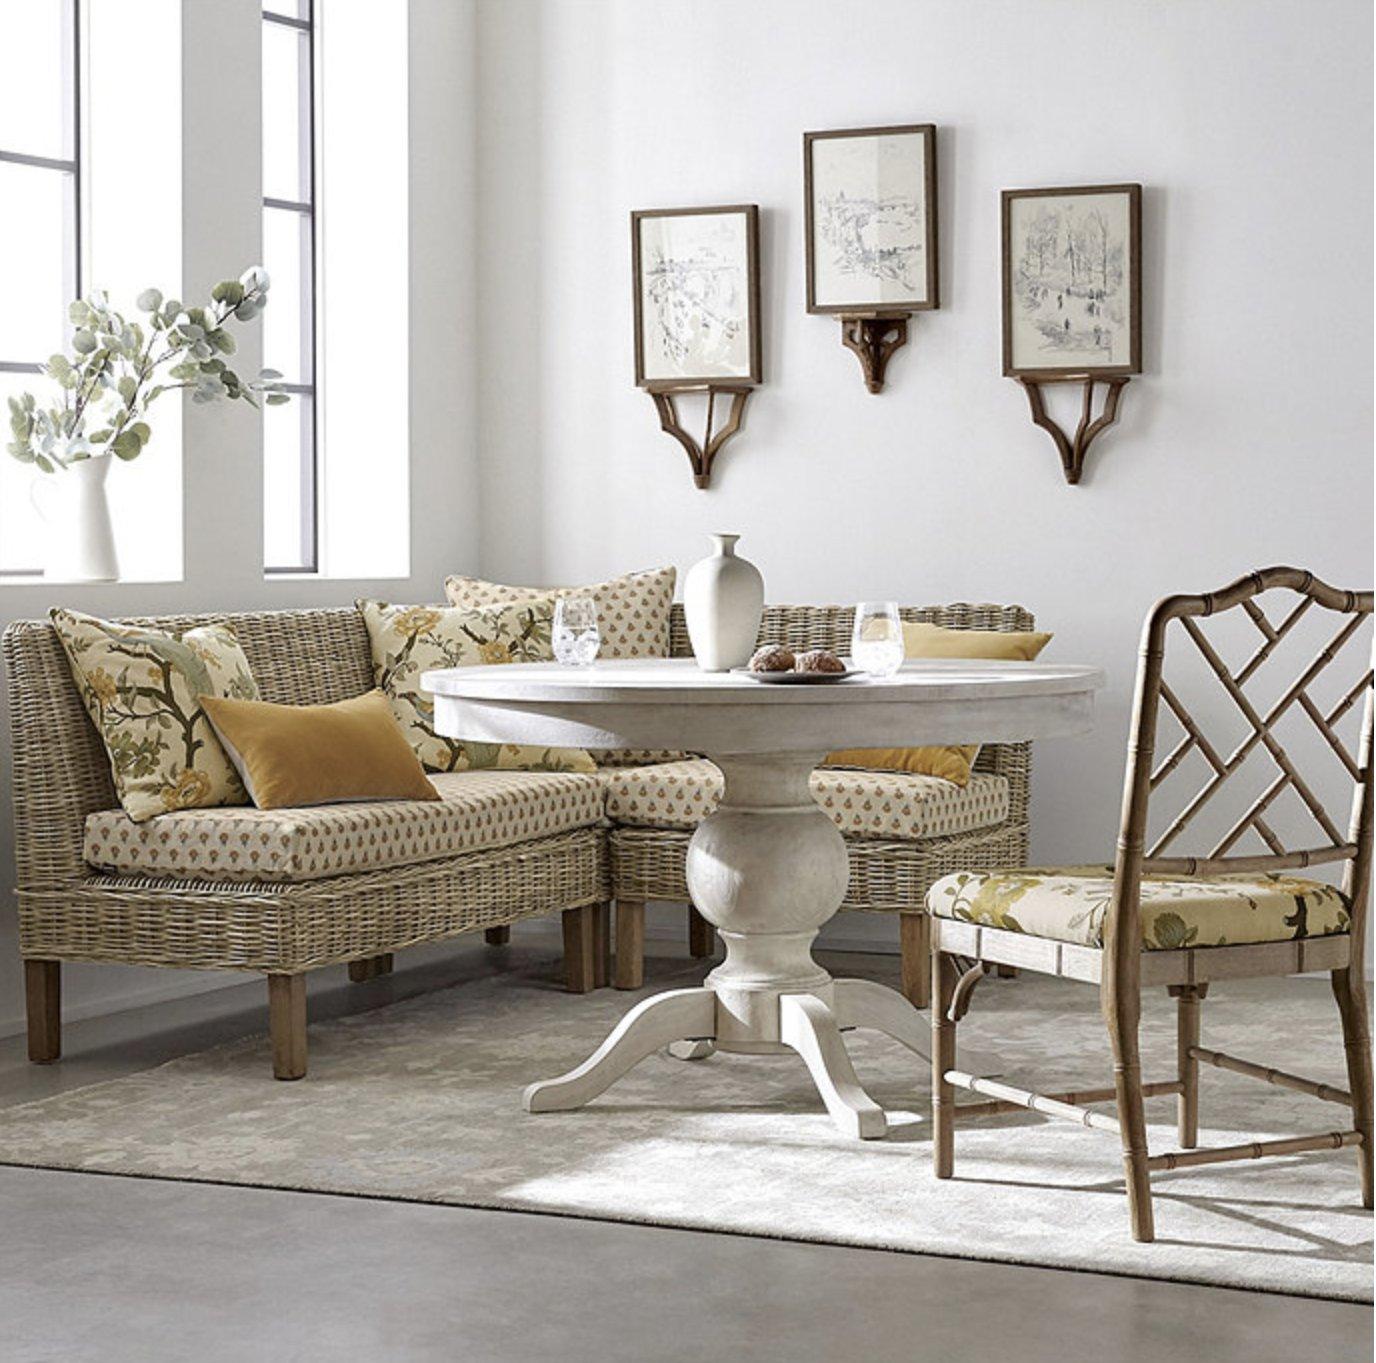 Ballard Designs Alva Extension Dining Table